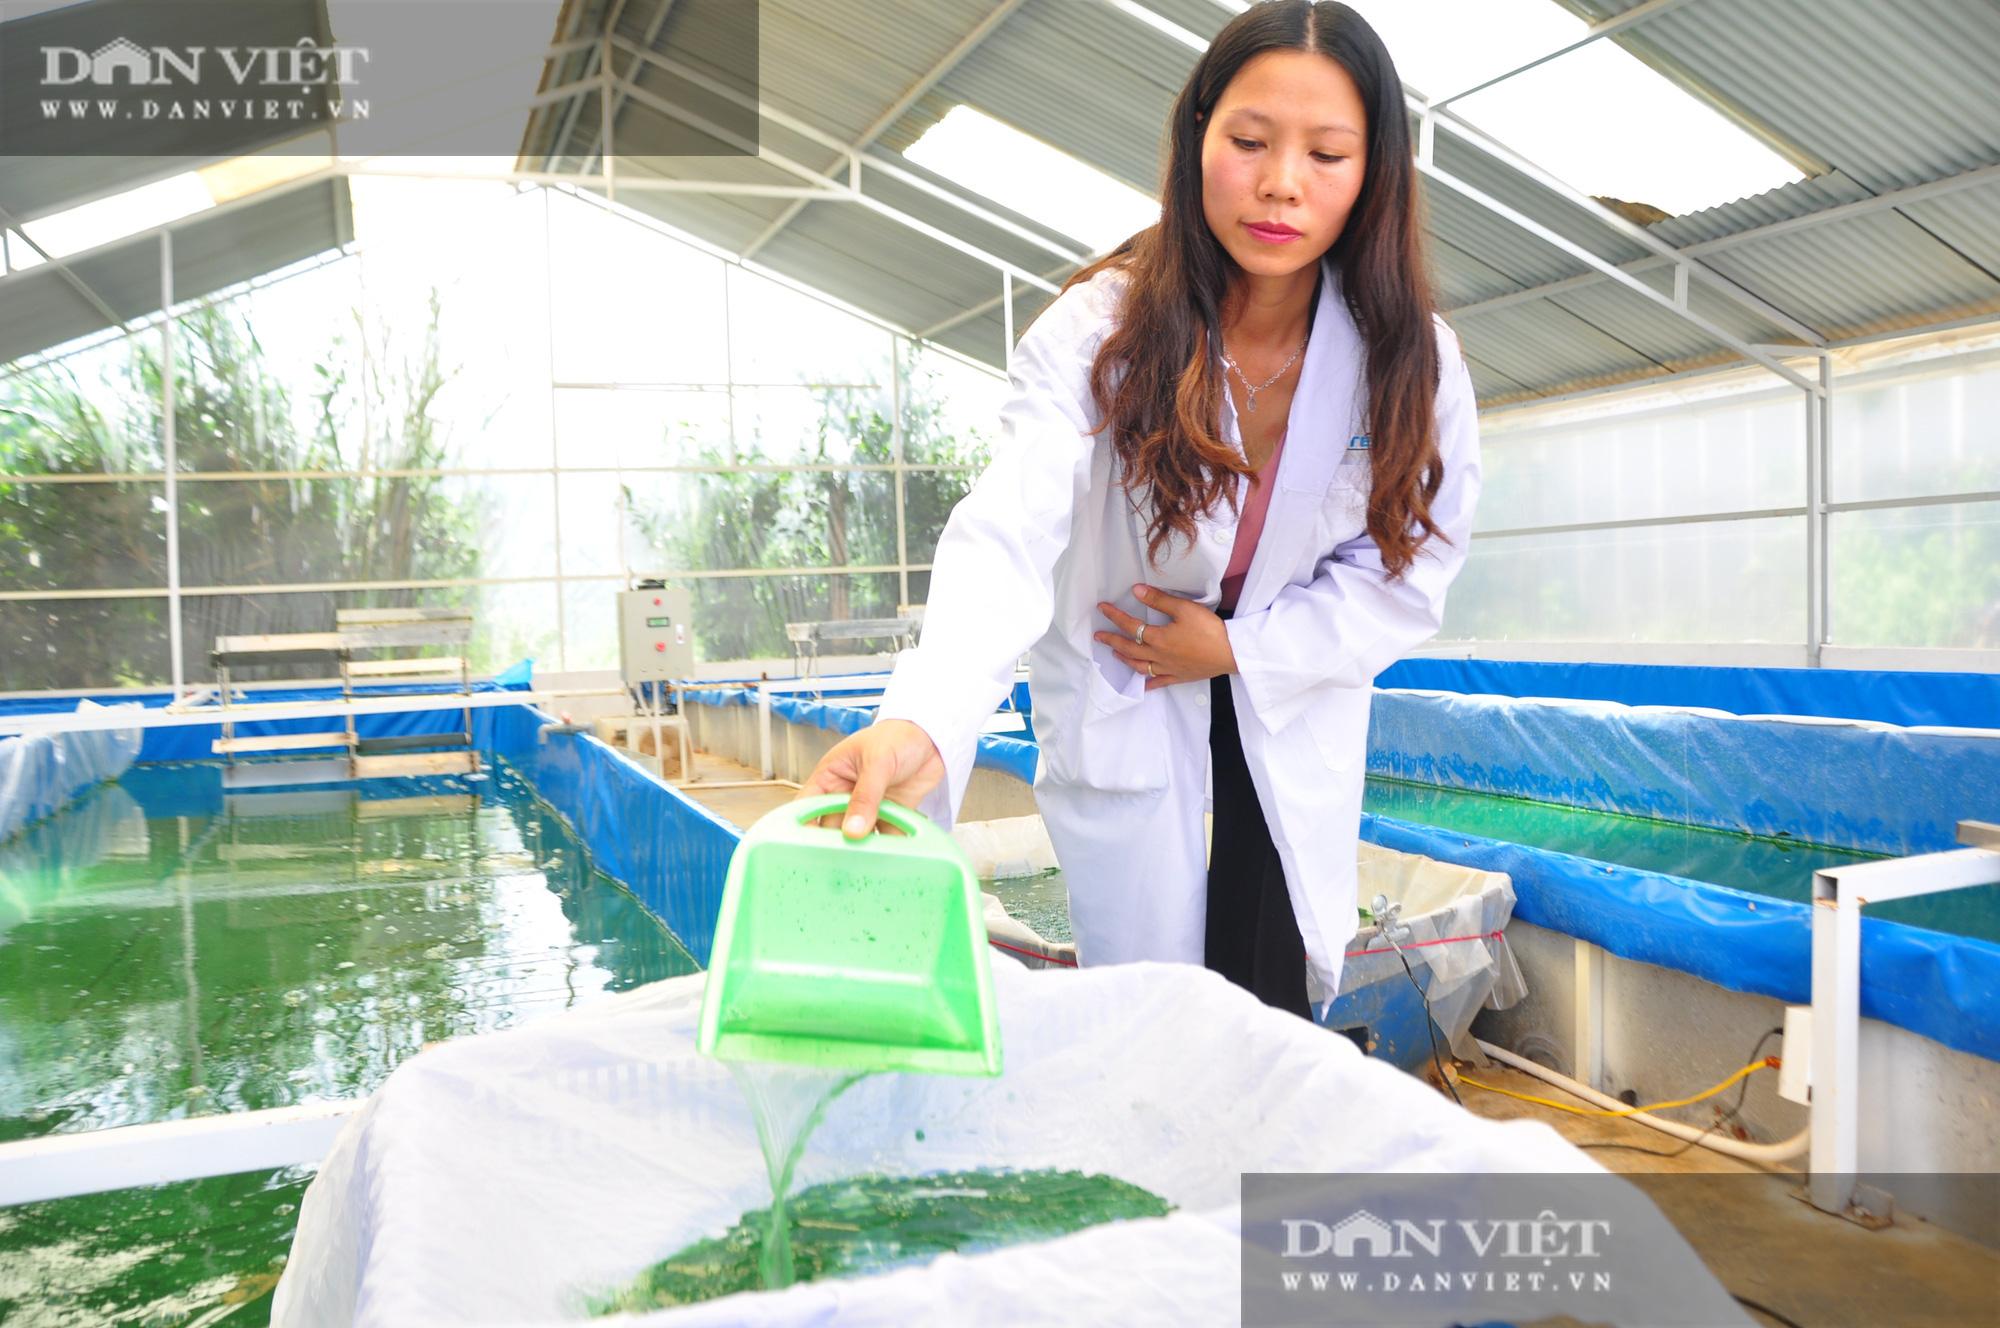 Nữ thạc sĩ đưa tảo xoắn ngoại về Tây Nguyên nuôi trồng - Ảnh 1.